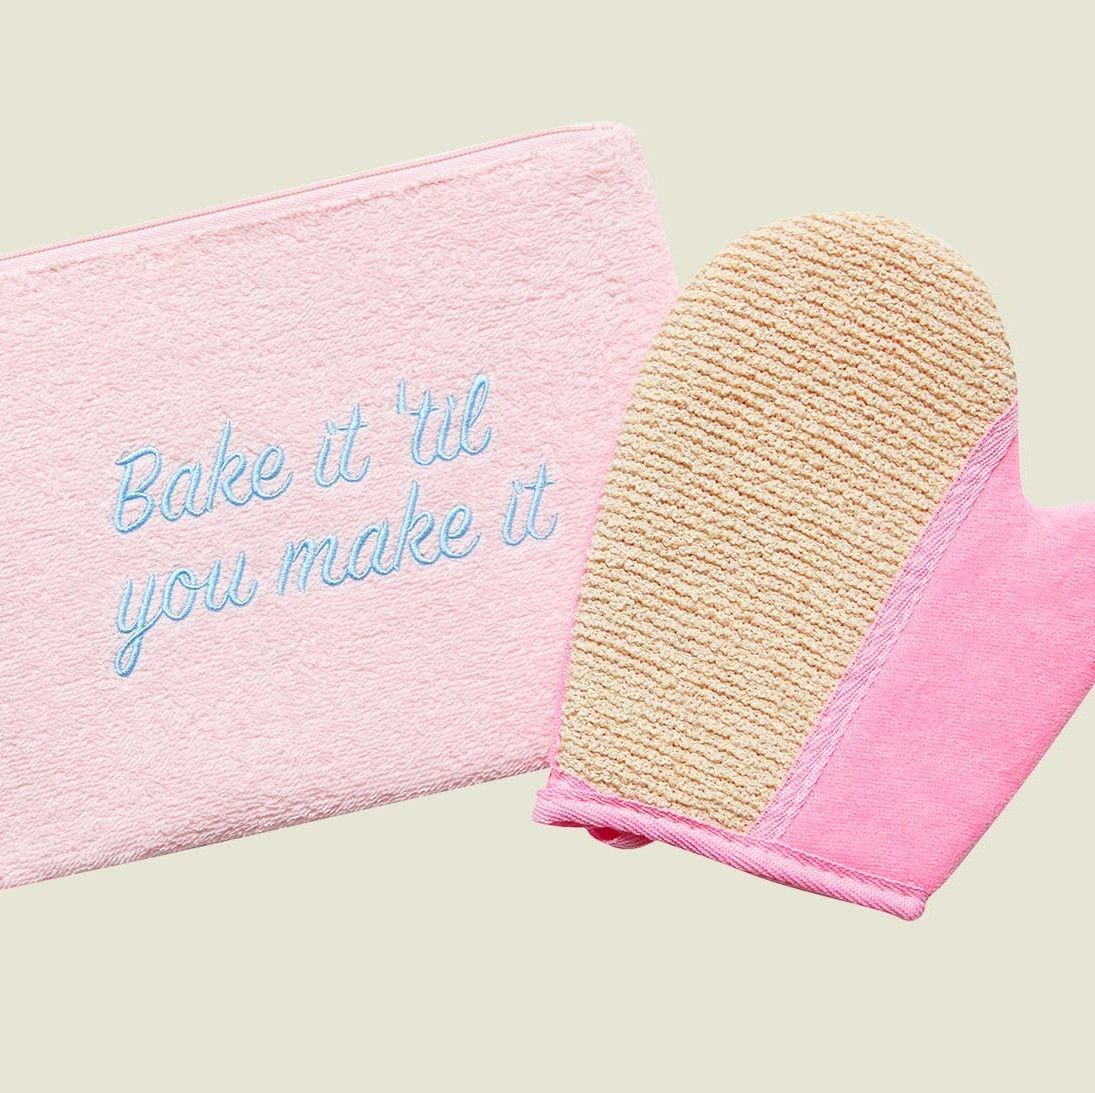 Flat zip pouch with mitten